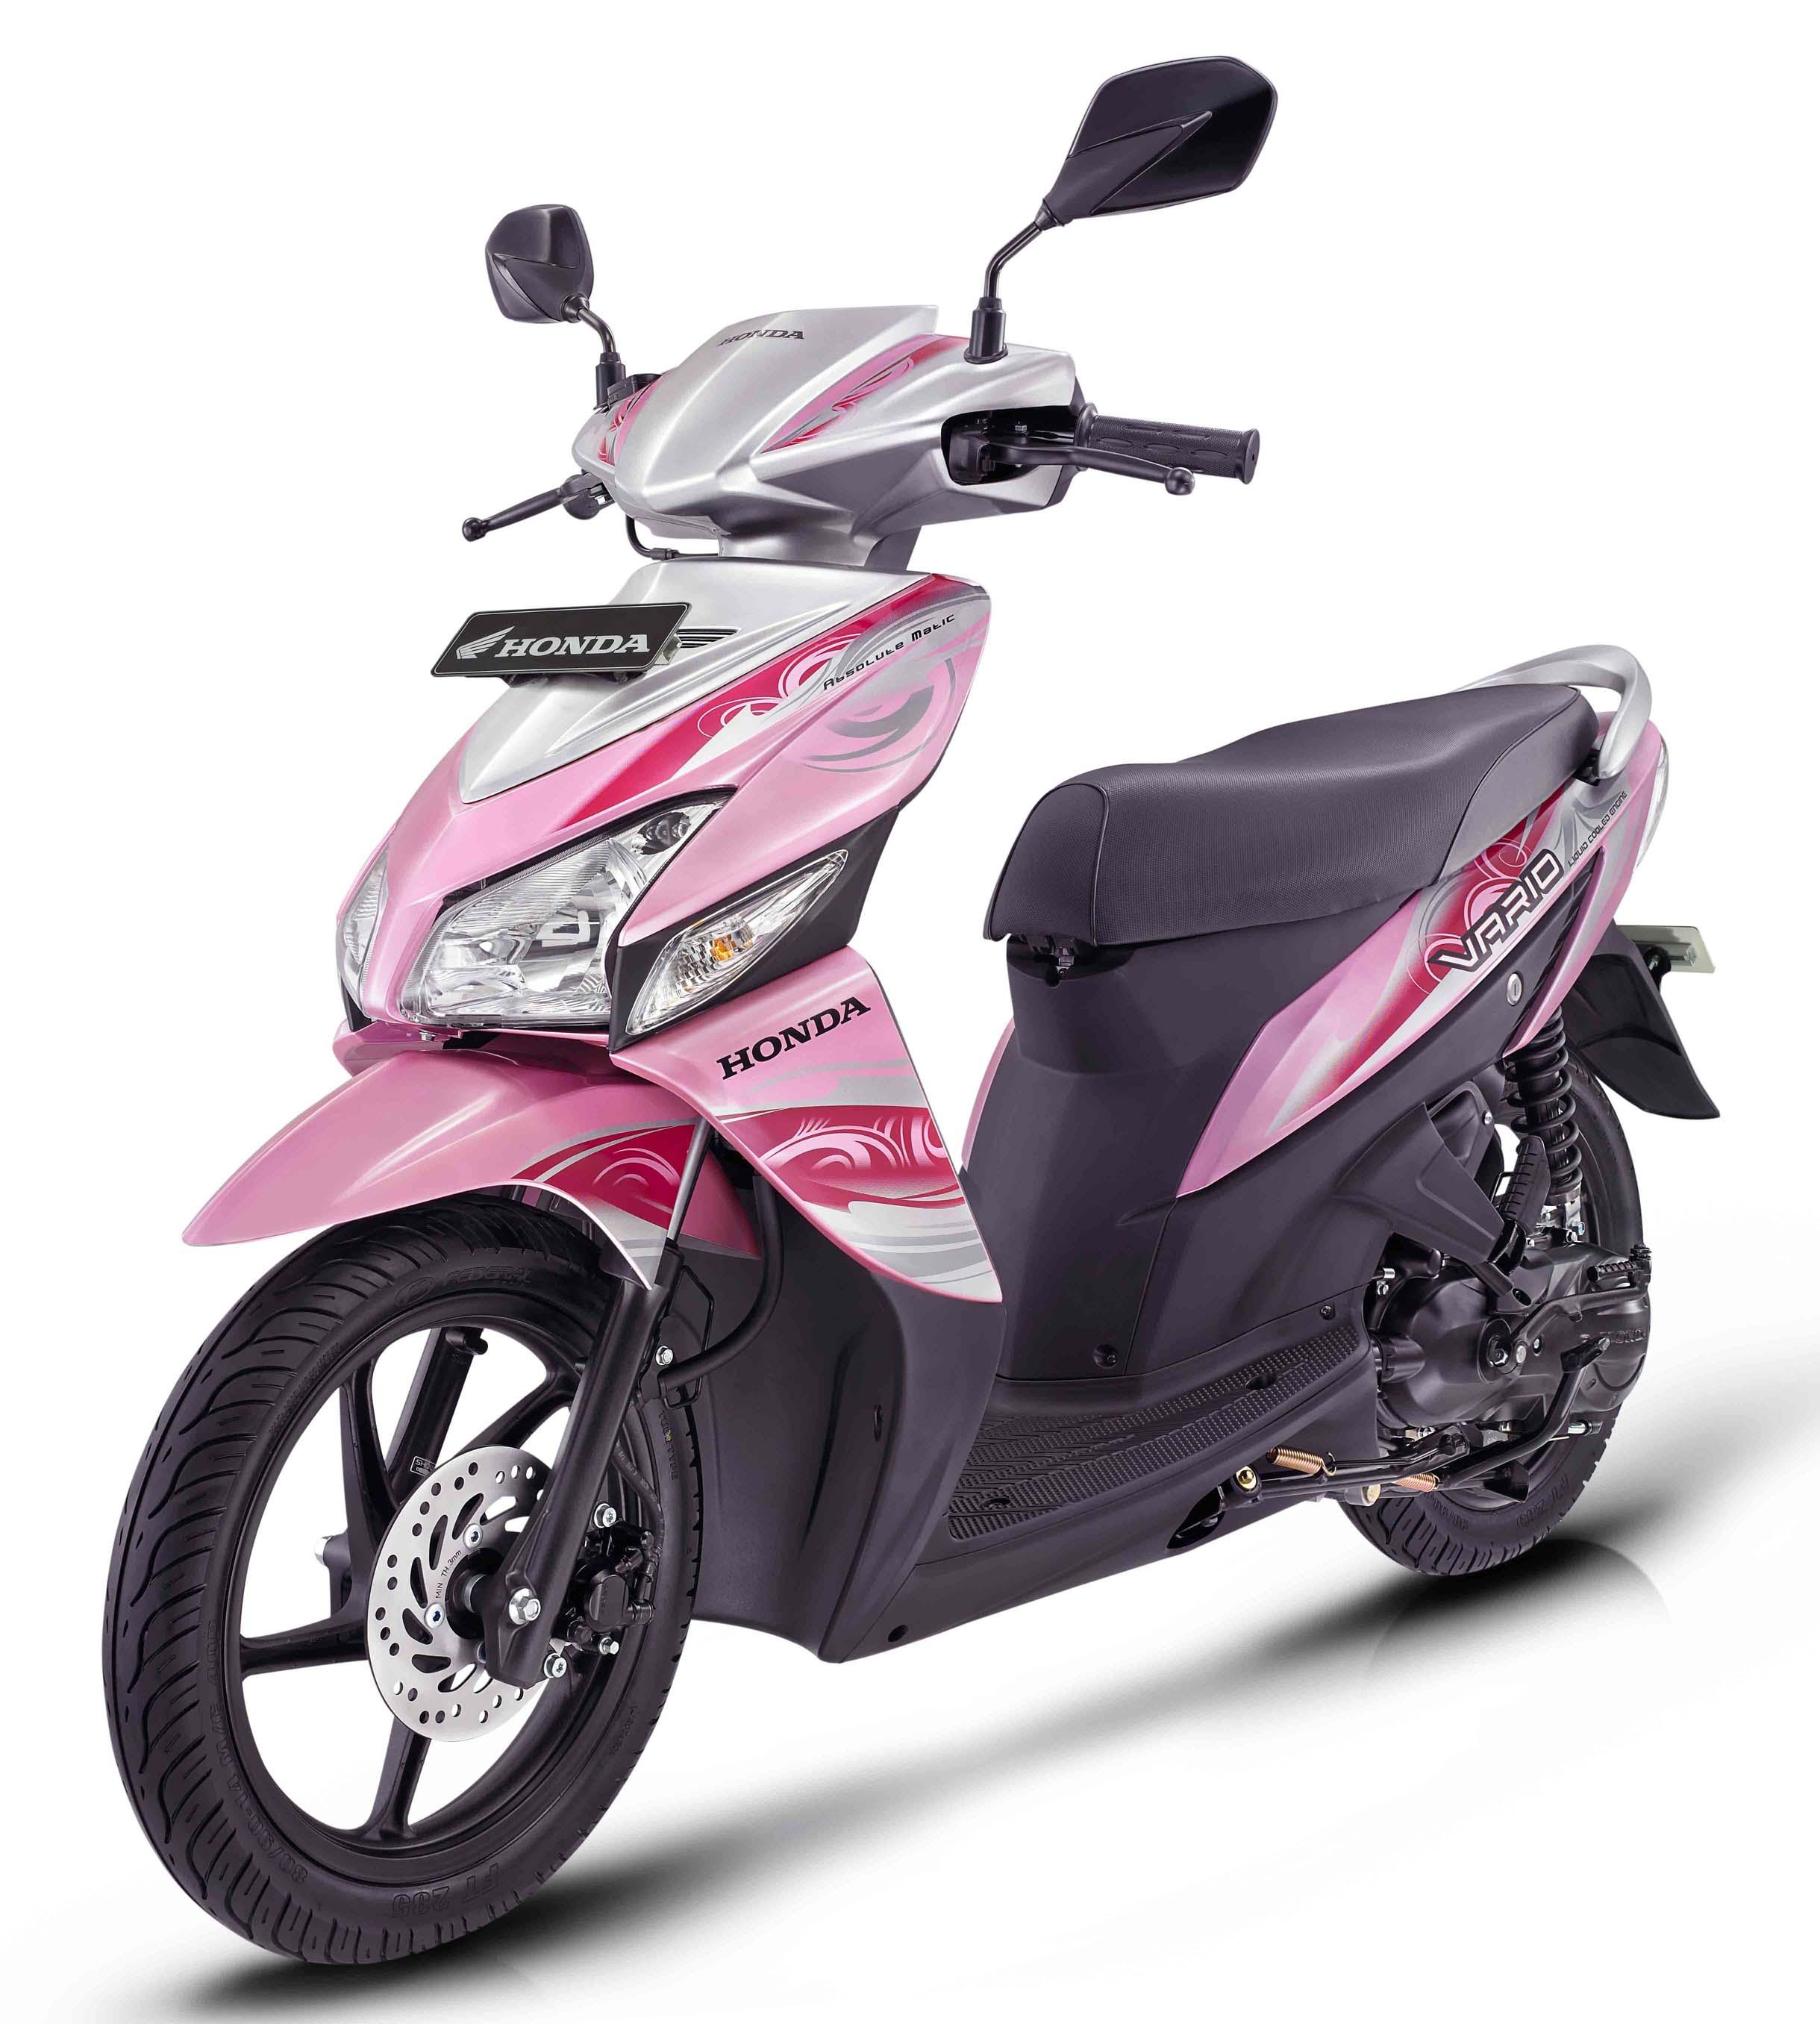 Koleksi Gambar2 Modifikasi Motor Honda Beat Terbaru Dinding Motor